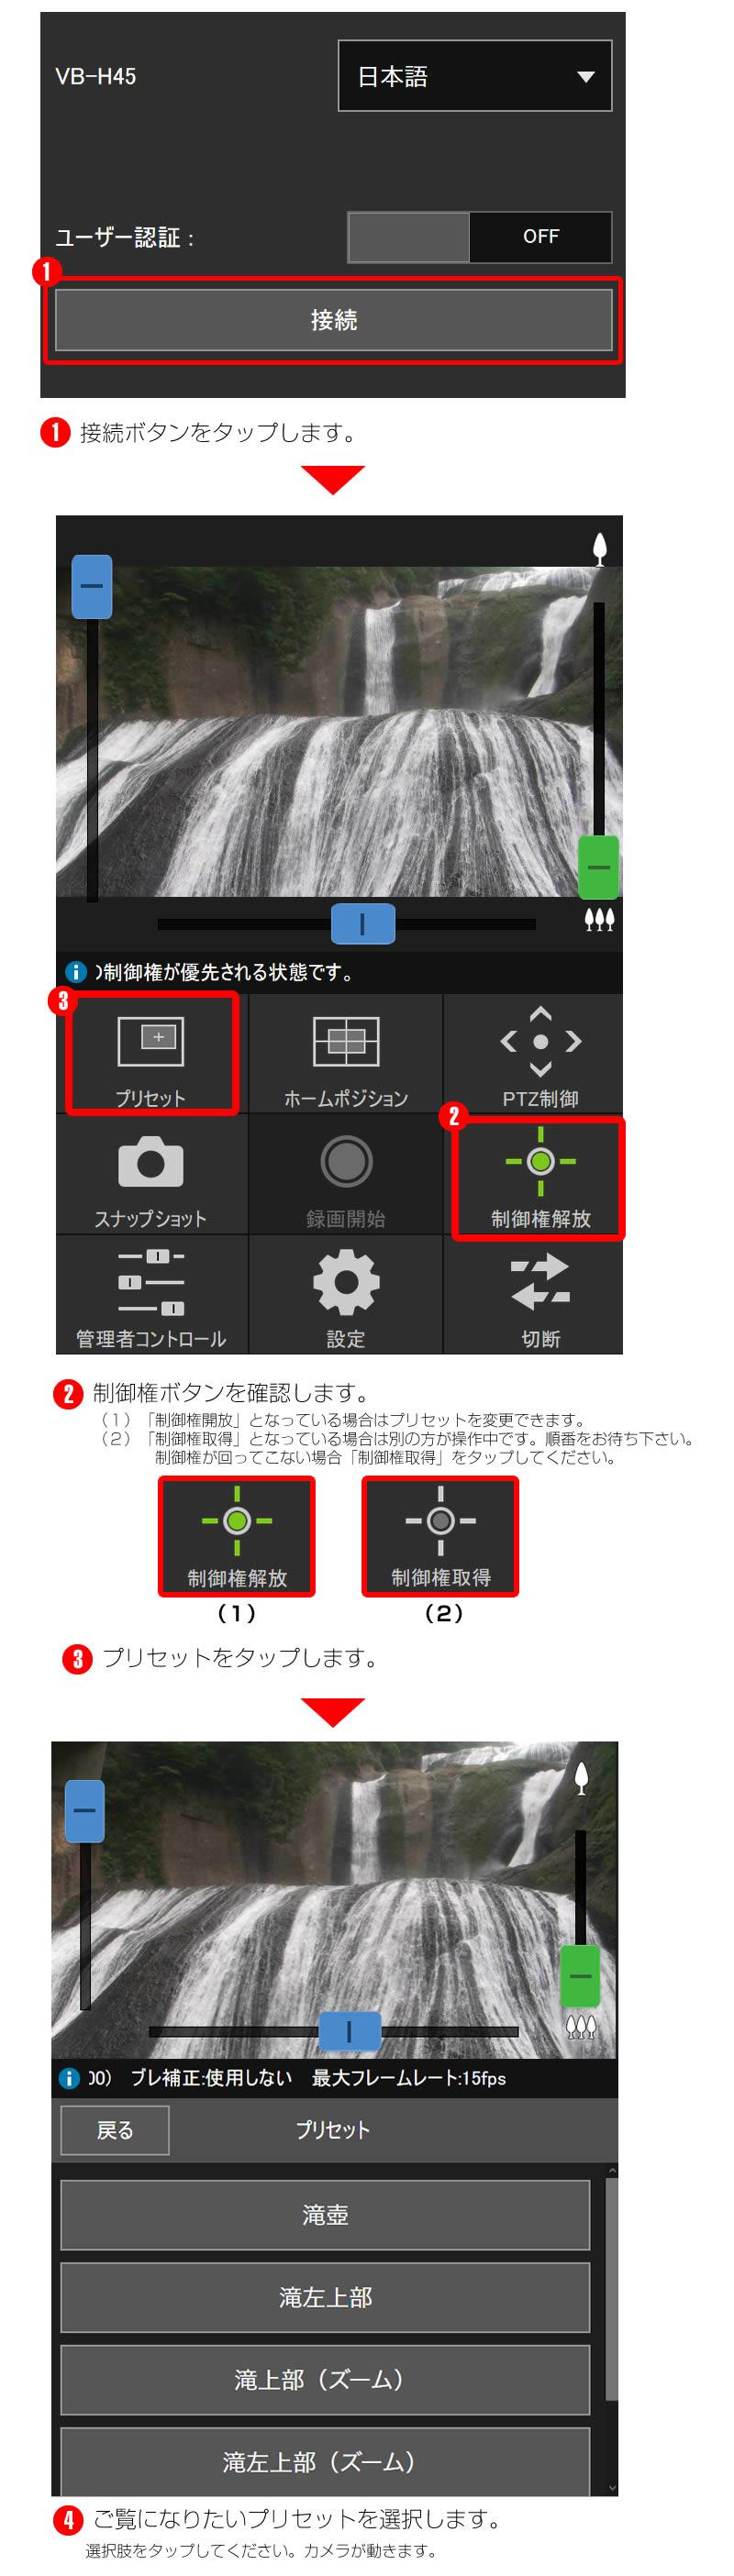 ライブカメラモバイルビューア操作方法